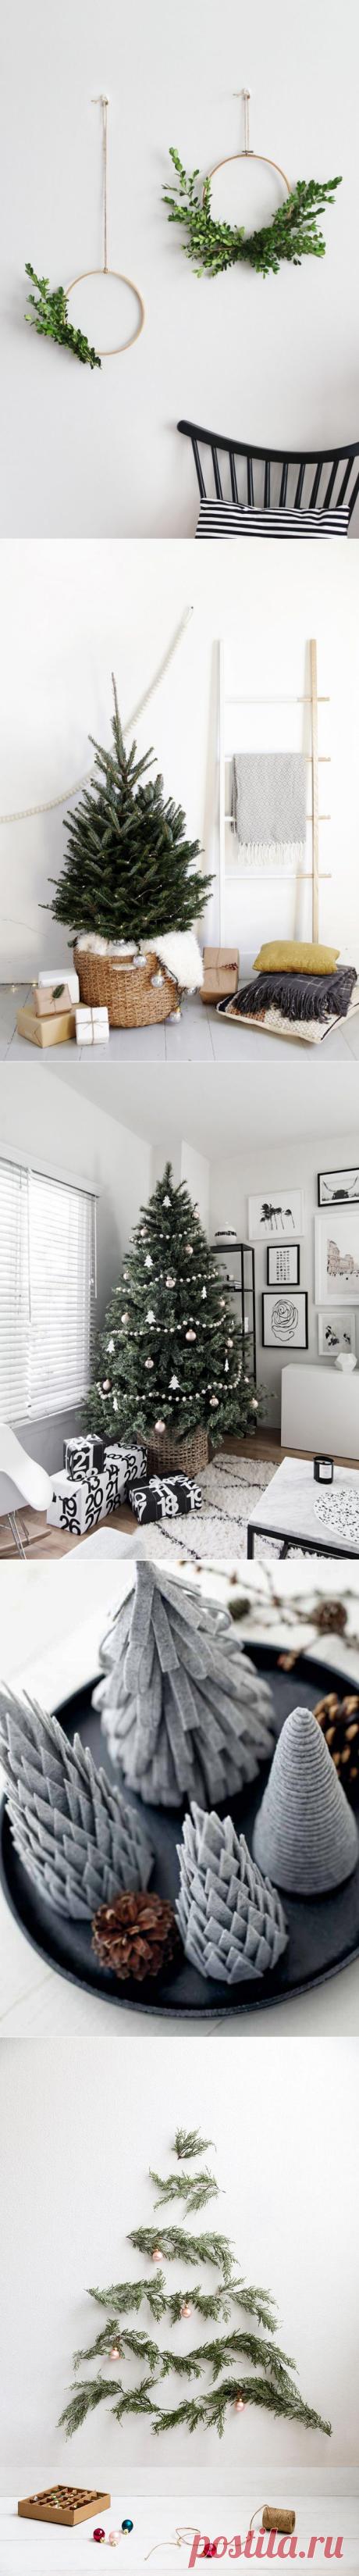 Минималистичный новогодний декор   Наши дома